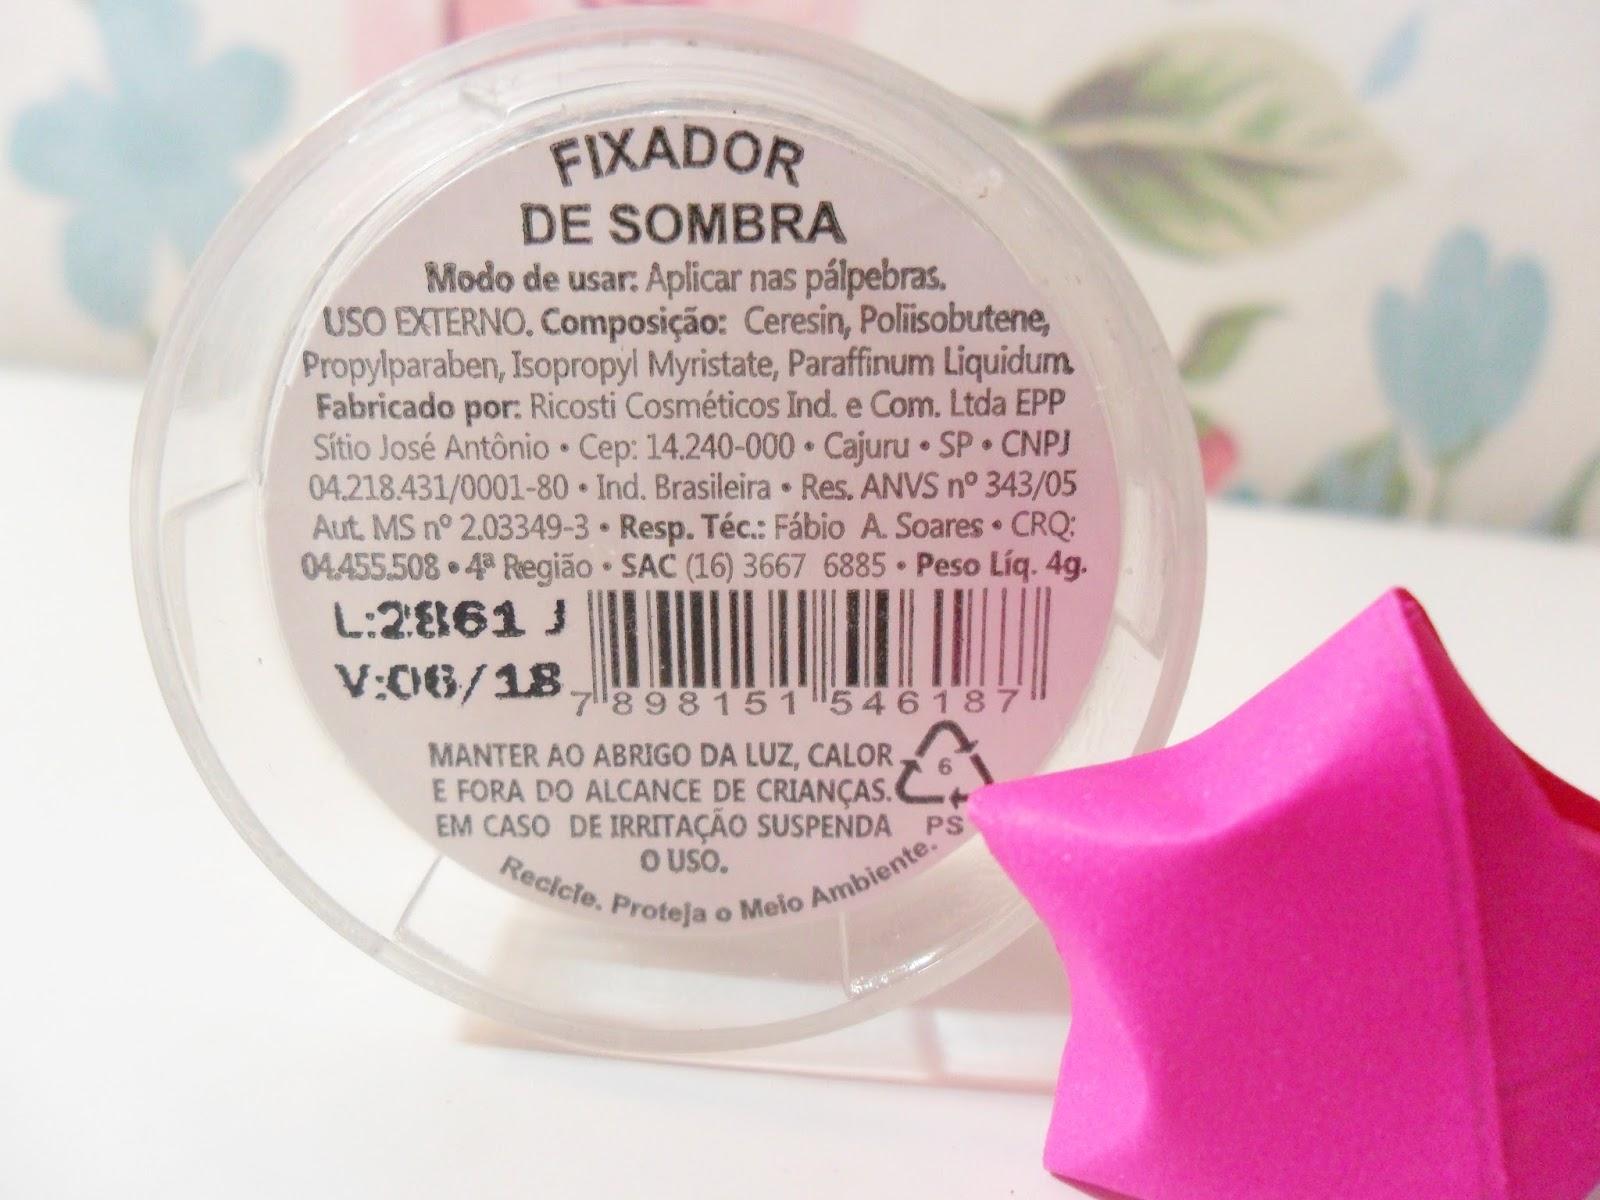 FIXADOR DE SOMBRA - RICOSTI